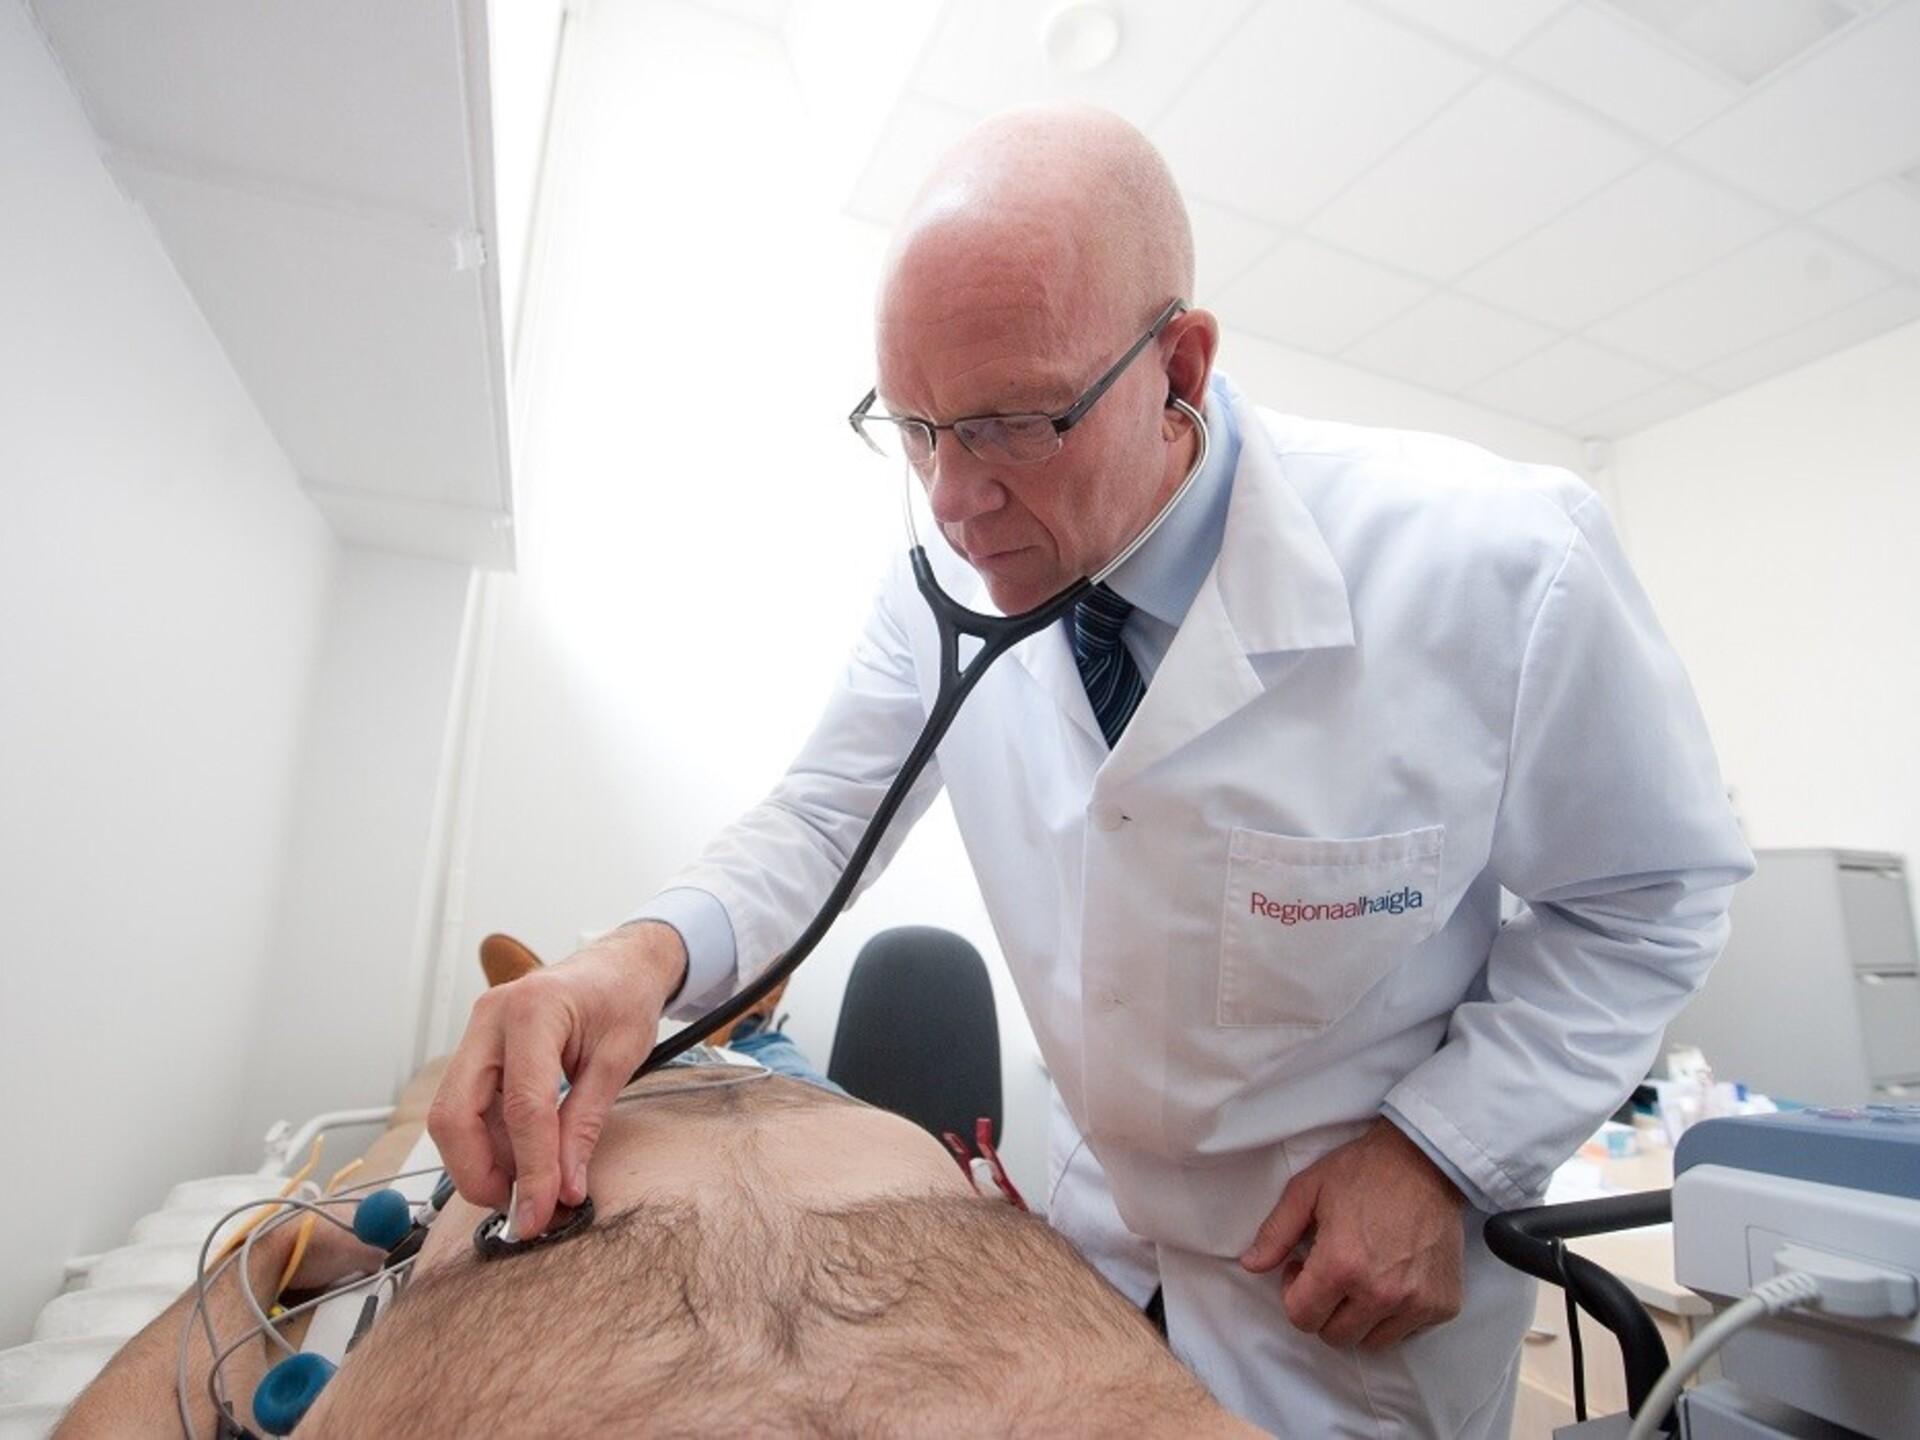 Arst liikme suurendamise kusimuses Suurenda liikme kuus Video